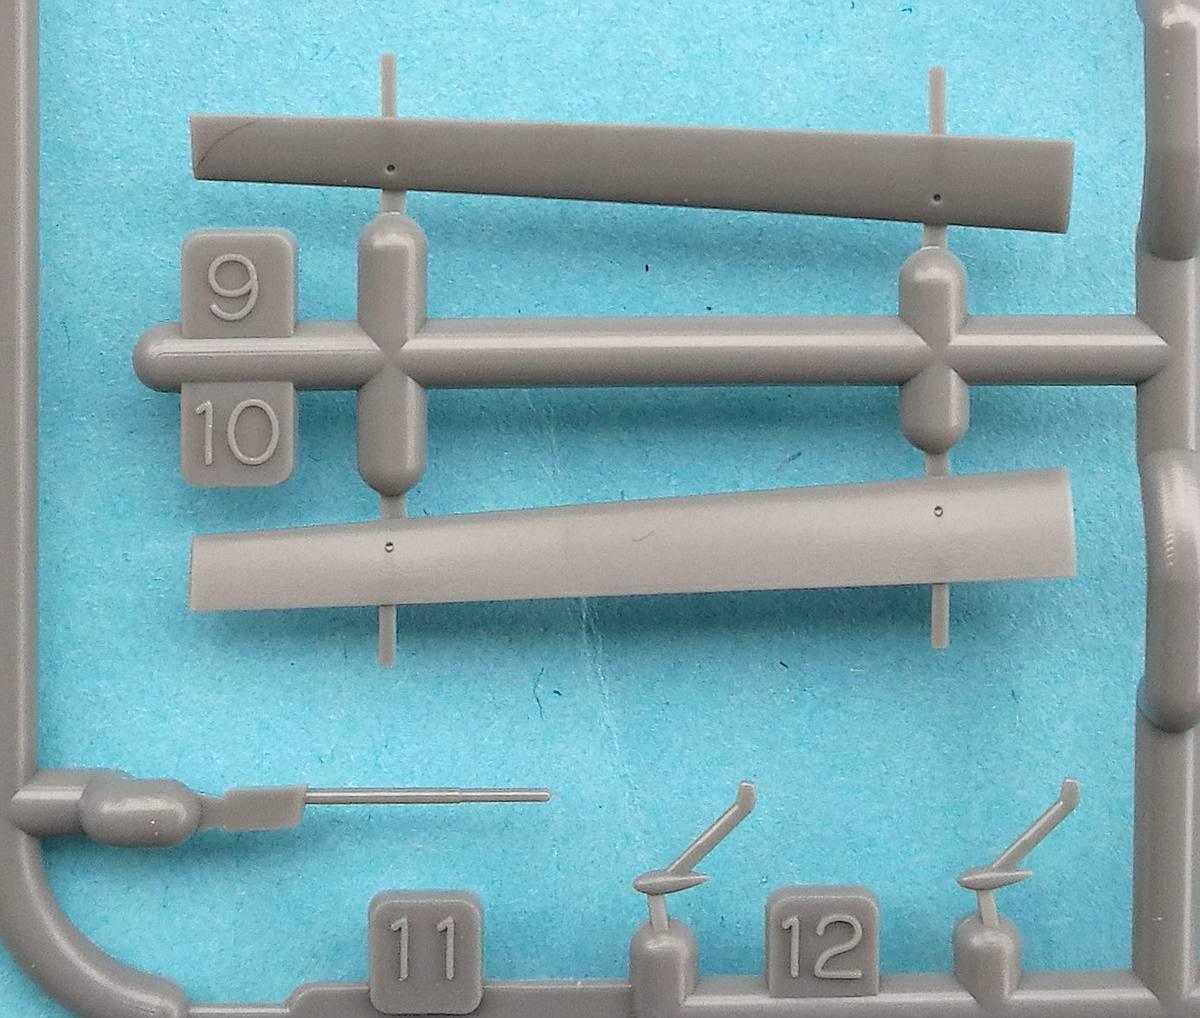 Tamiya-117-Messerschmitt-Bf-109-G6-46 Messerschmitt Bf 109 G6 im Maßstab 1:48 von Tamiya 61117